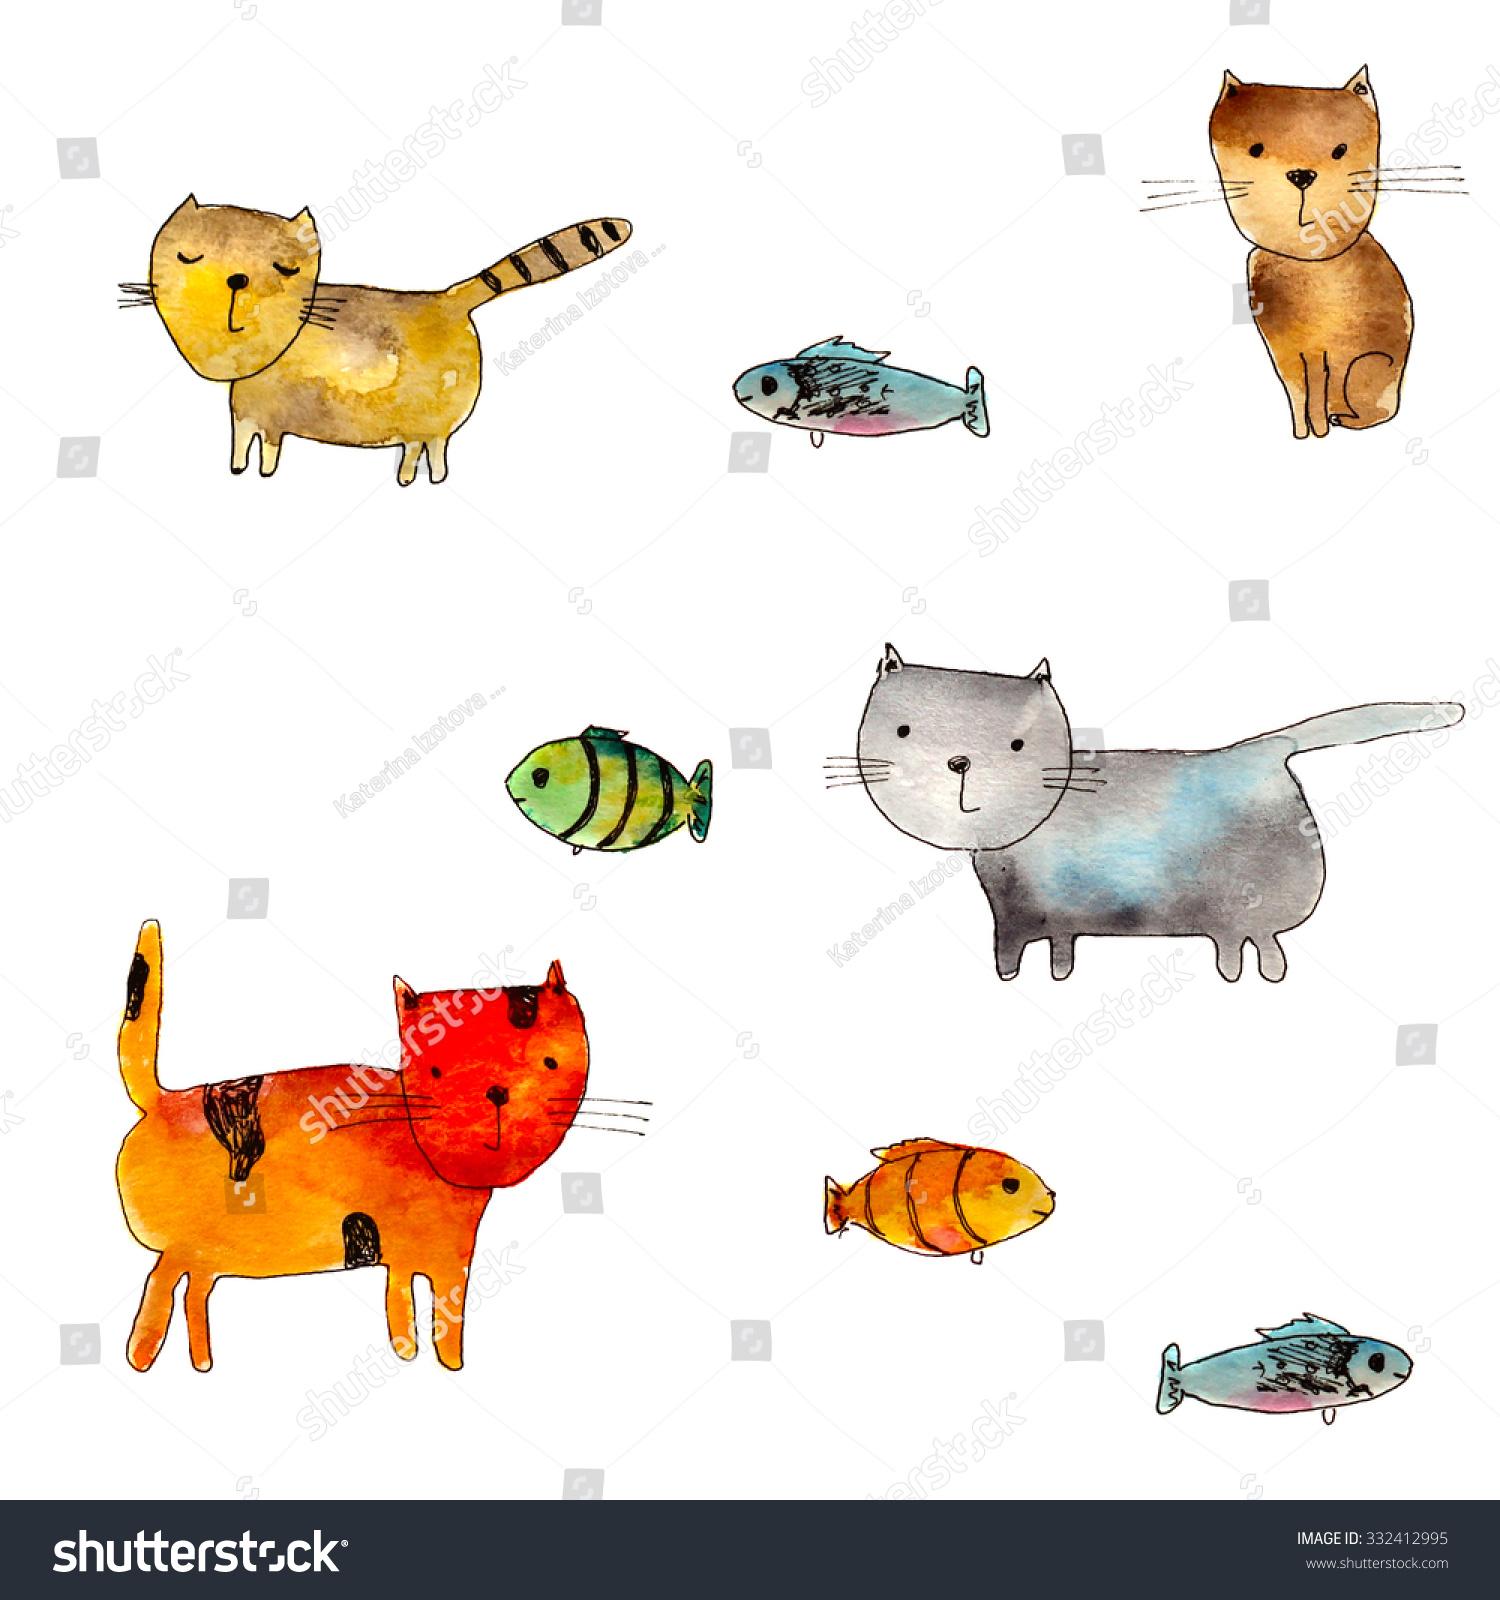 可爱的猫和鱼,手绘水彩插图-动物/野生生物-海洛创意